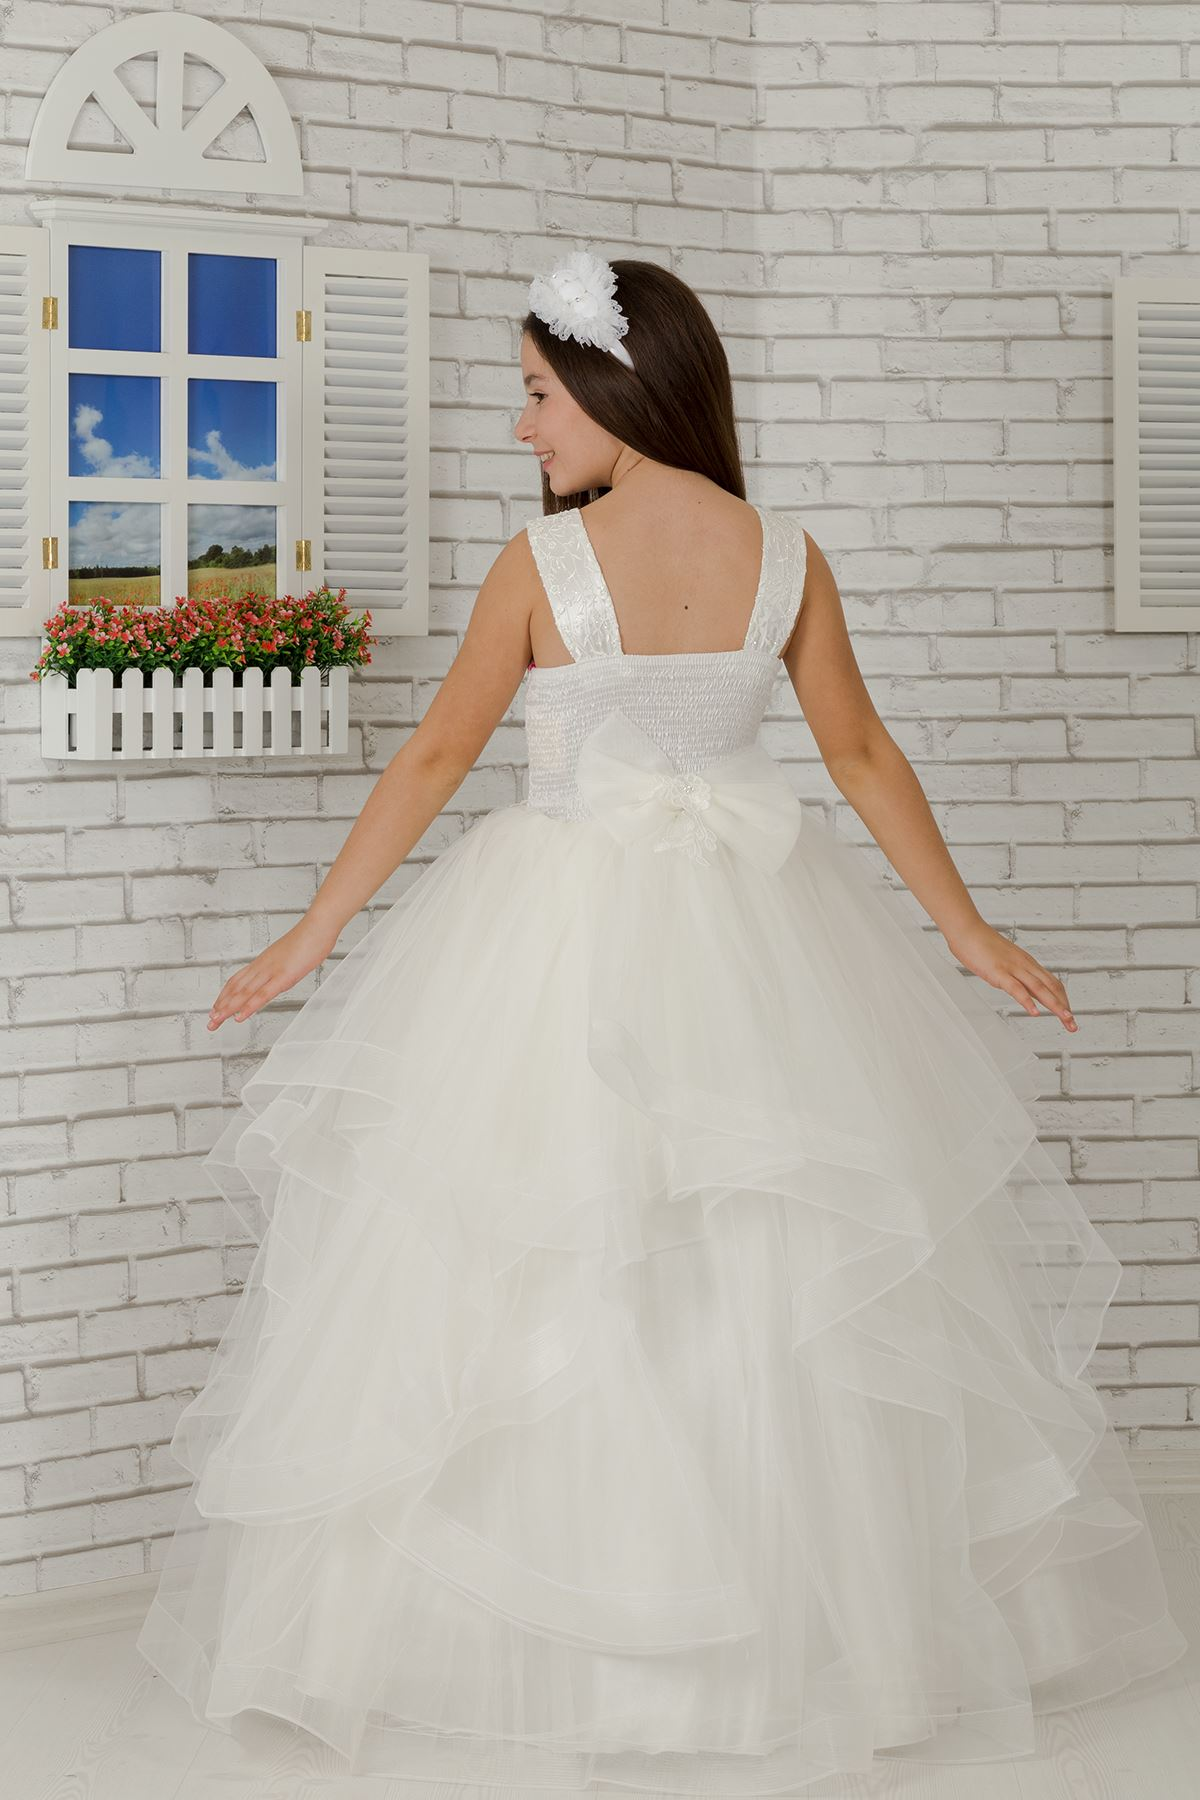 زين مطرز ، تفاصيل زهرة الخصر ، فستان سهرة تول للبنات منفوش 607 كريم